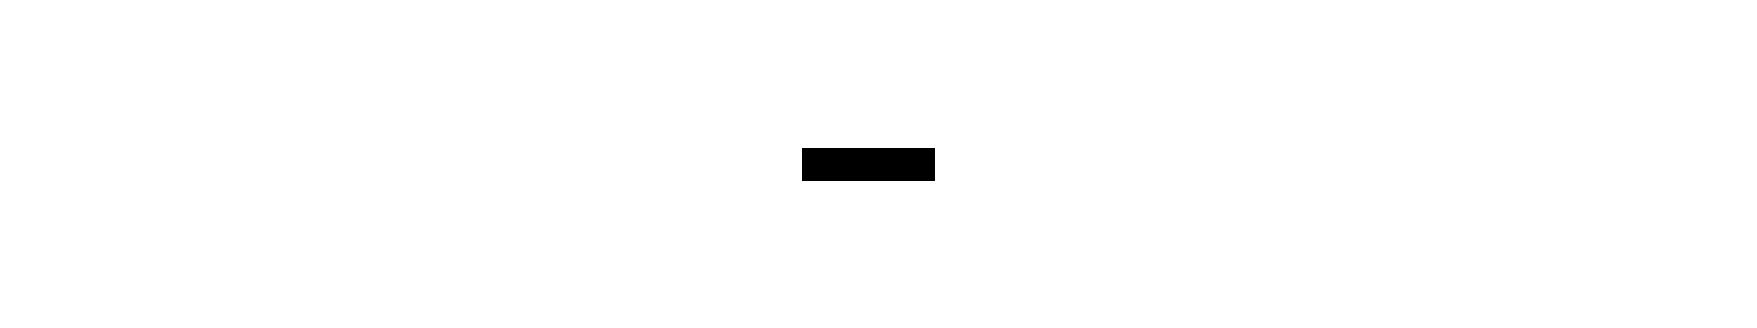 LepagedIllus-copie-3